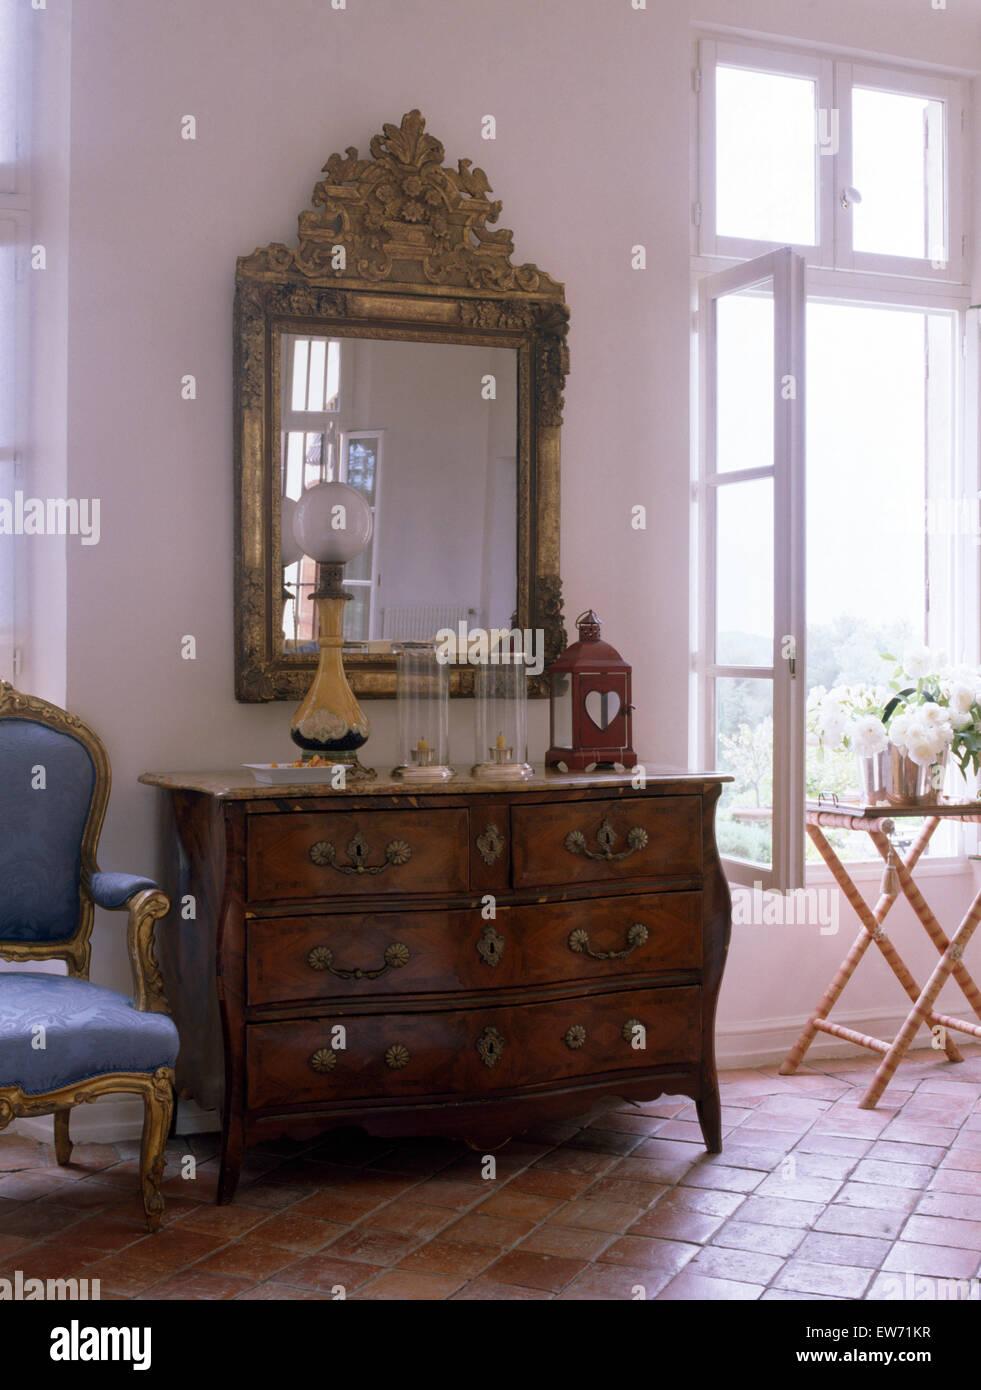 Antiker Spiegel Und Kommode In Weiss Franzosischer Landhaus